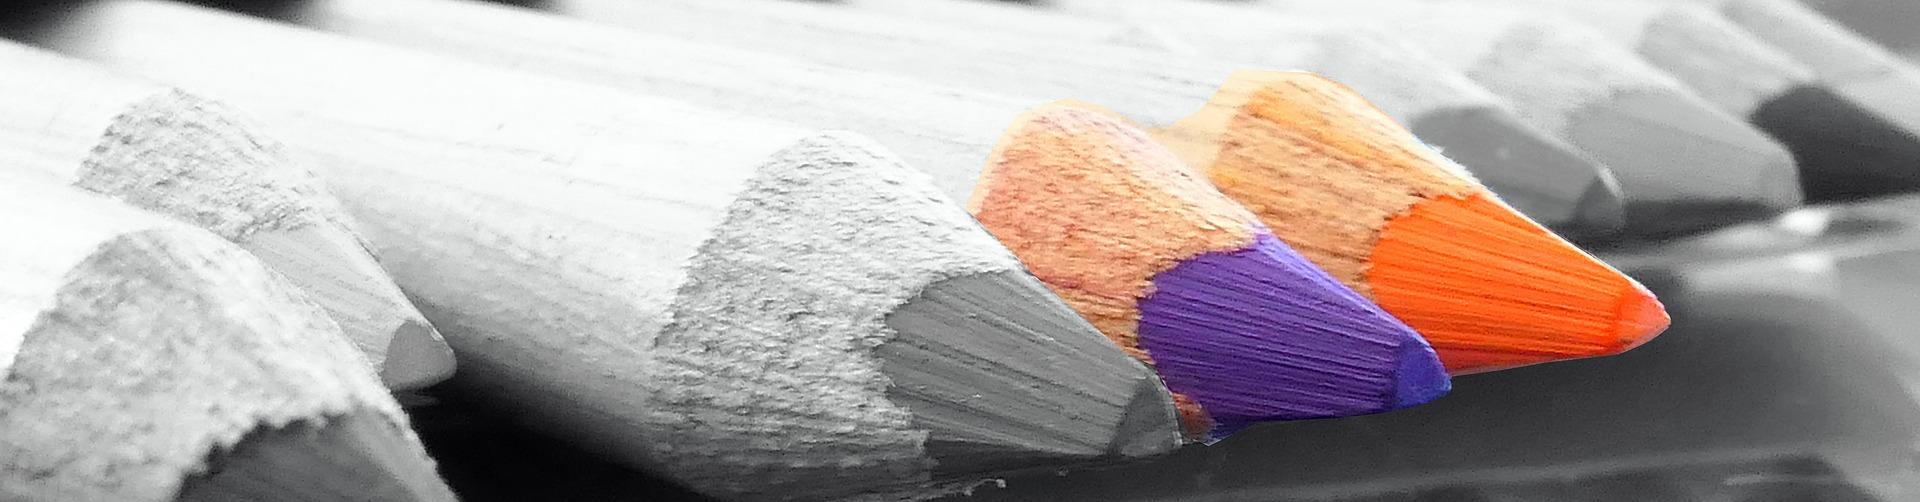 fotocopiadora A4 color